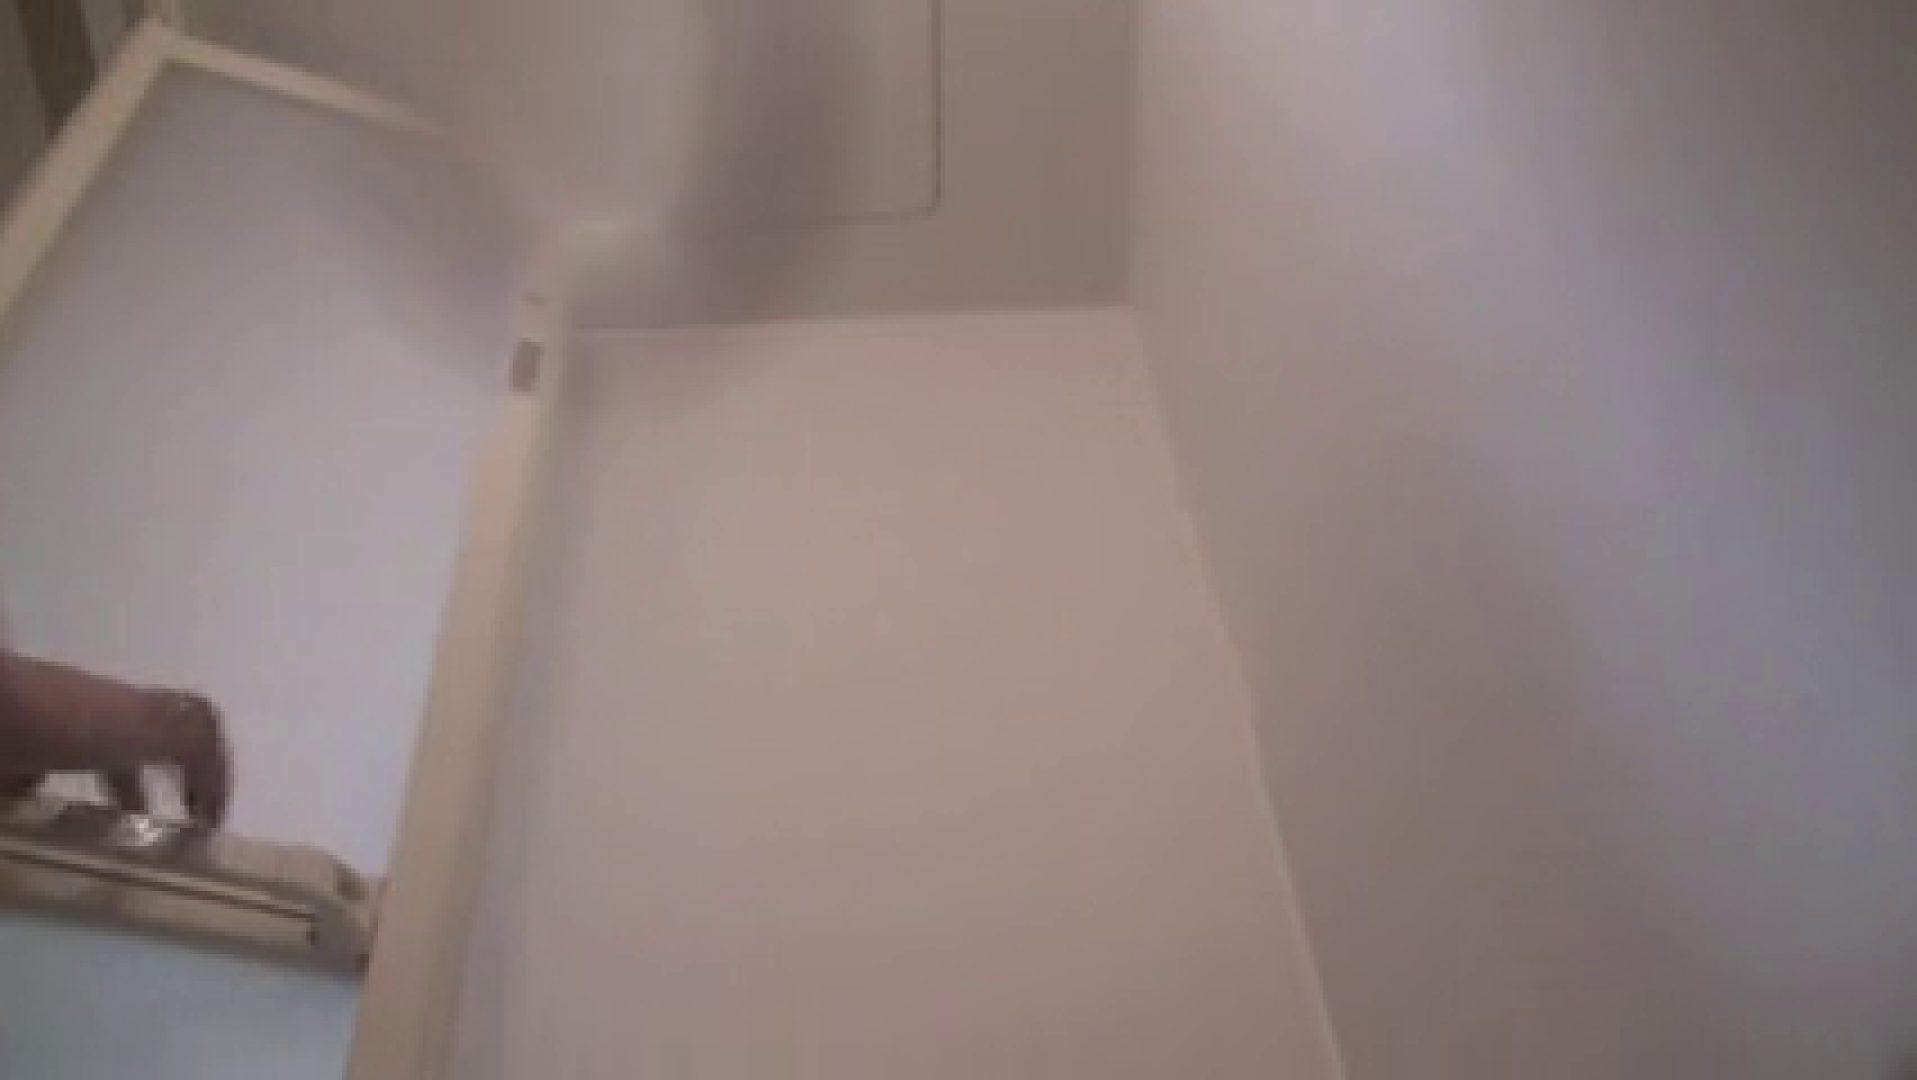 ハイビジョンカメラでチンポを隠し撮り!高画質ビットレート5000kで配信! 隠し撮り動画 ゲイ無修正ビデオ画像 75pic 13